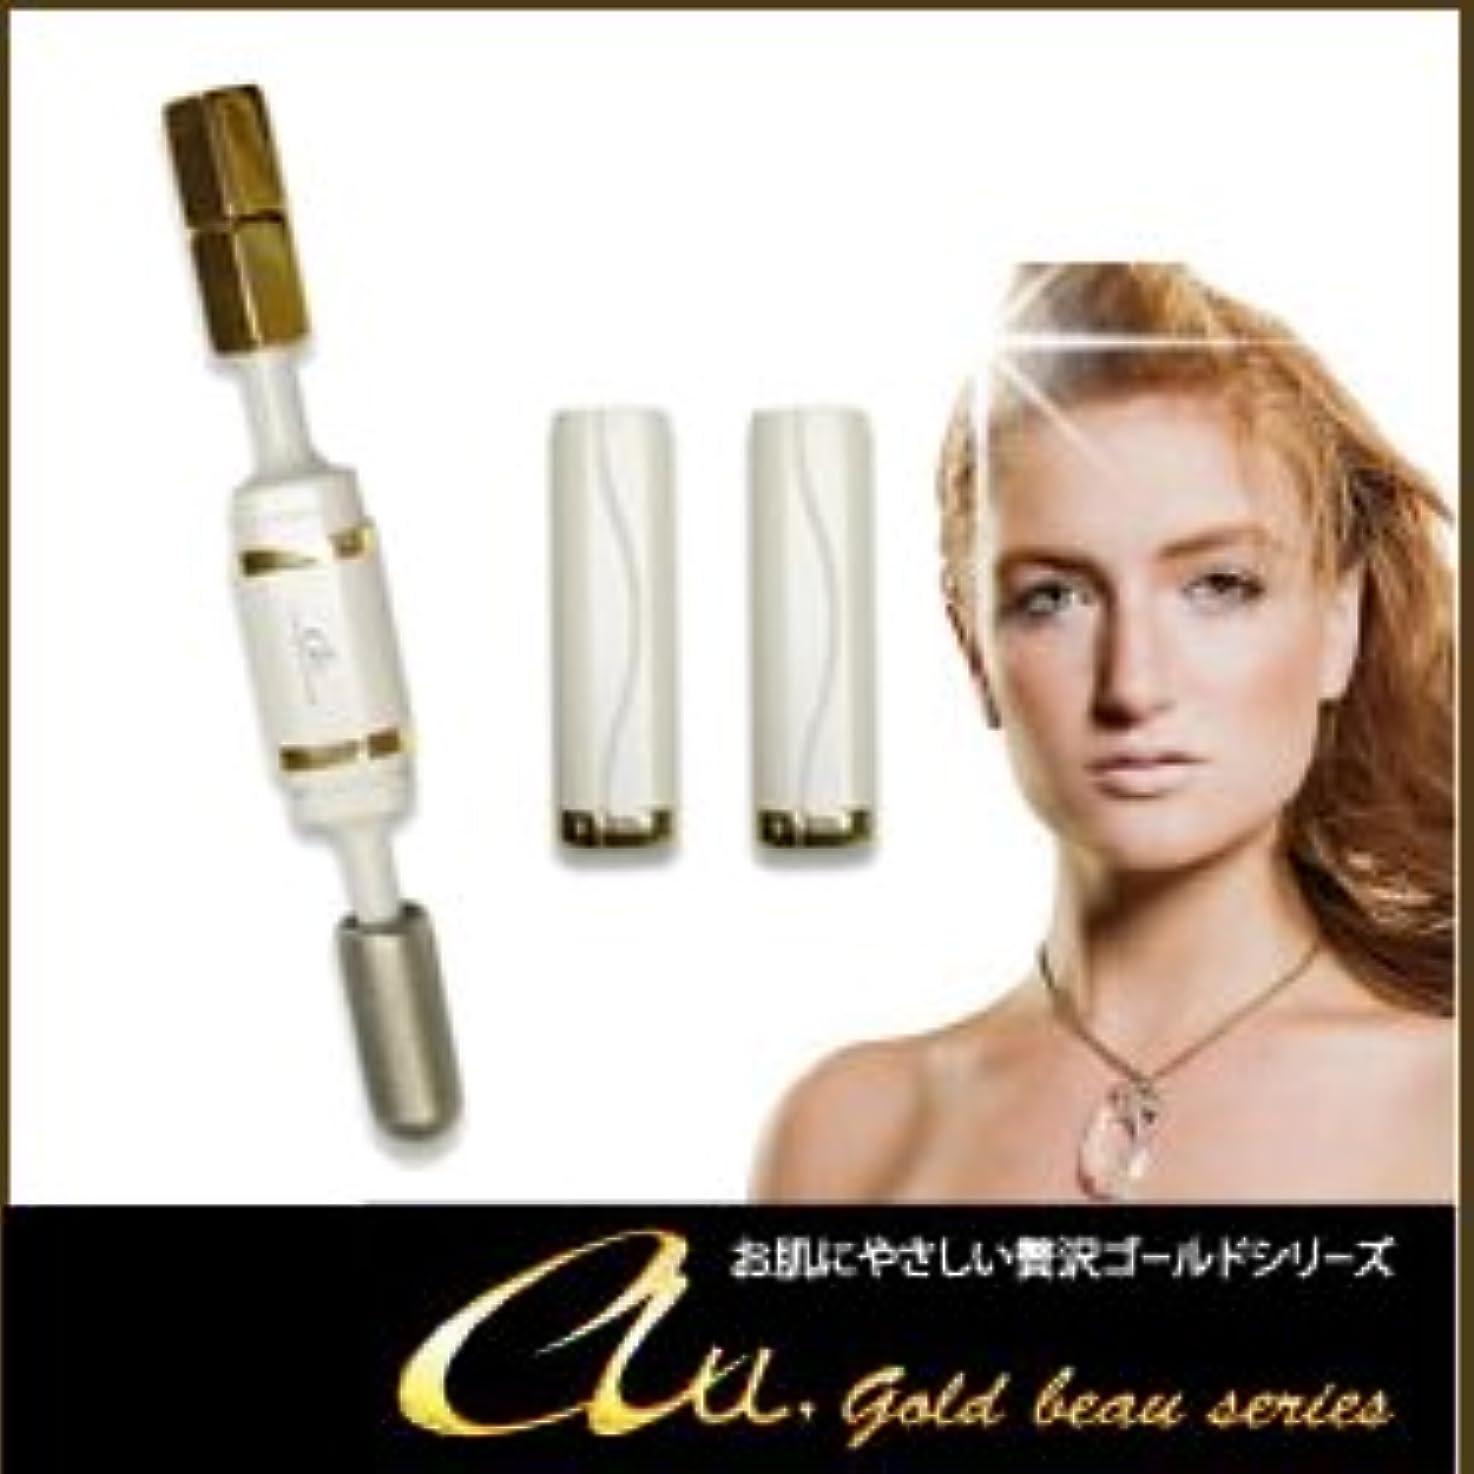 元気膨らませる証拠【GOLDBEAUROLLER】 ゴールドビューローラー【20KGOLD使用】コロコロ美容ローラー